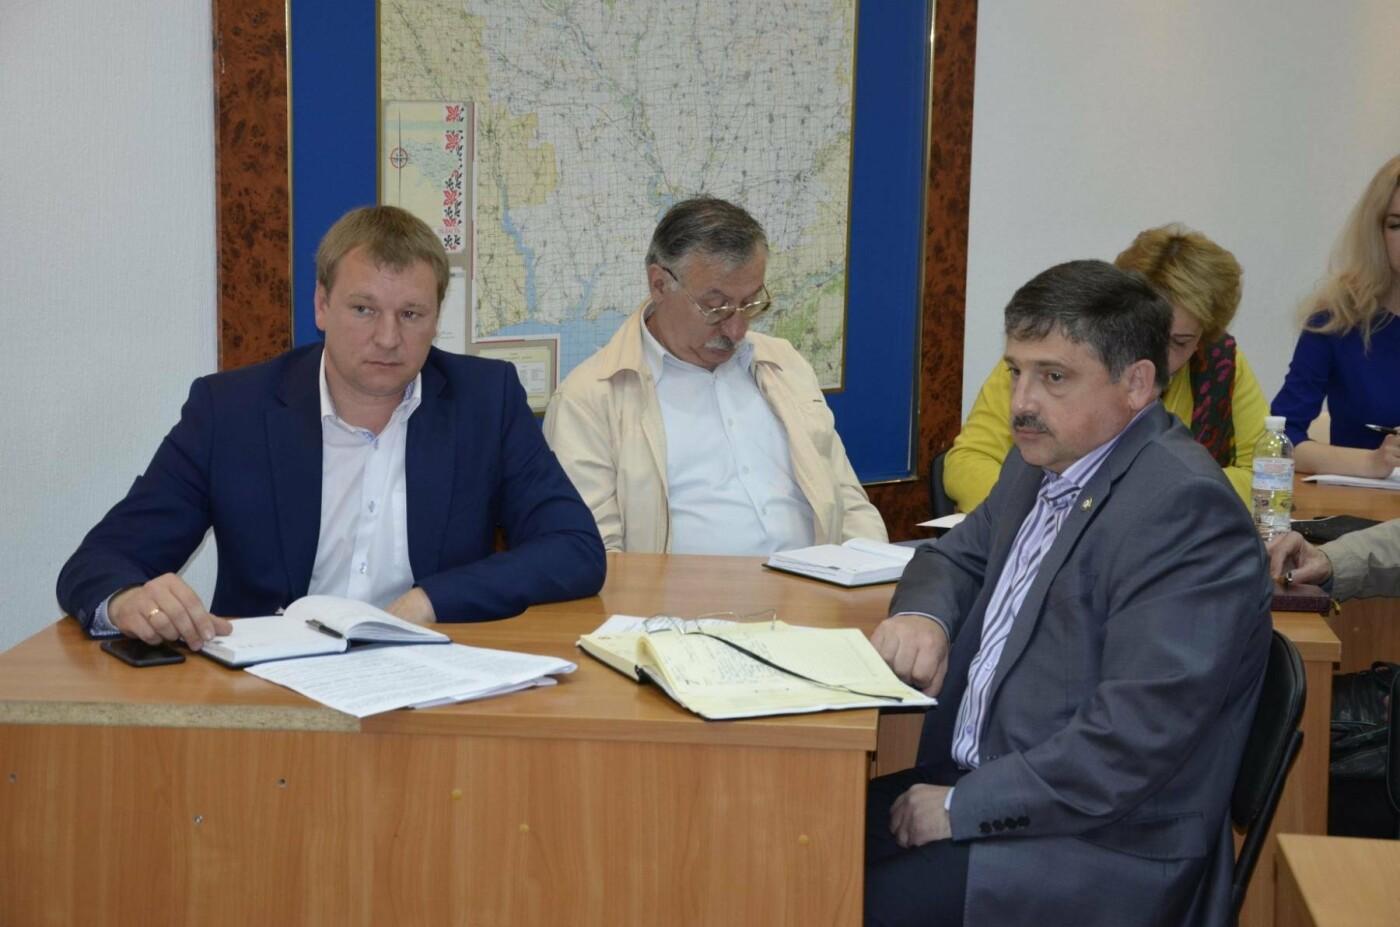 В Николаеве состоялось совещание по обеспечению мест несвободы надлежащими условиями, - ФОТО, фото-3